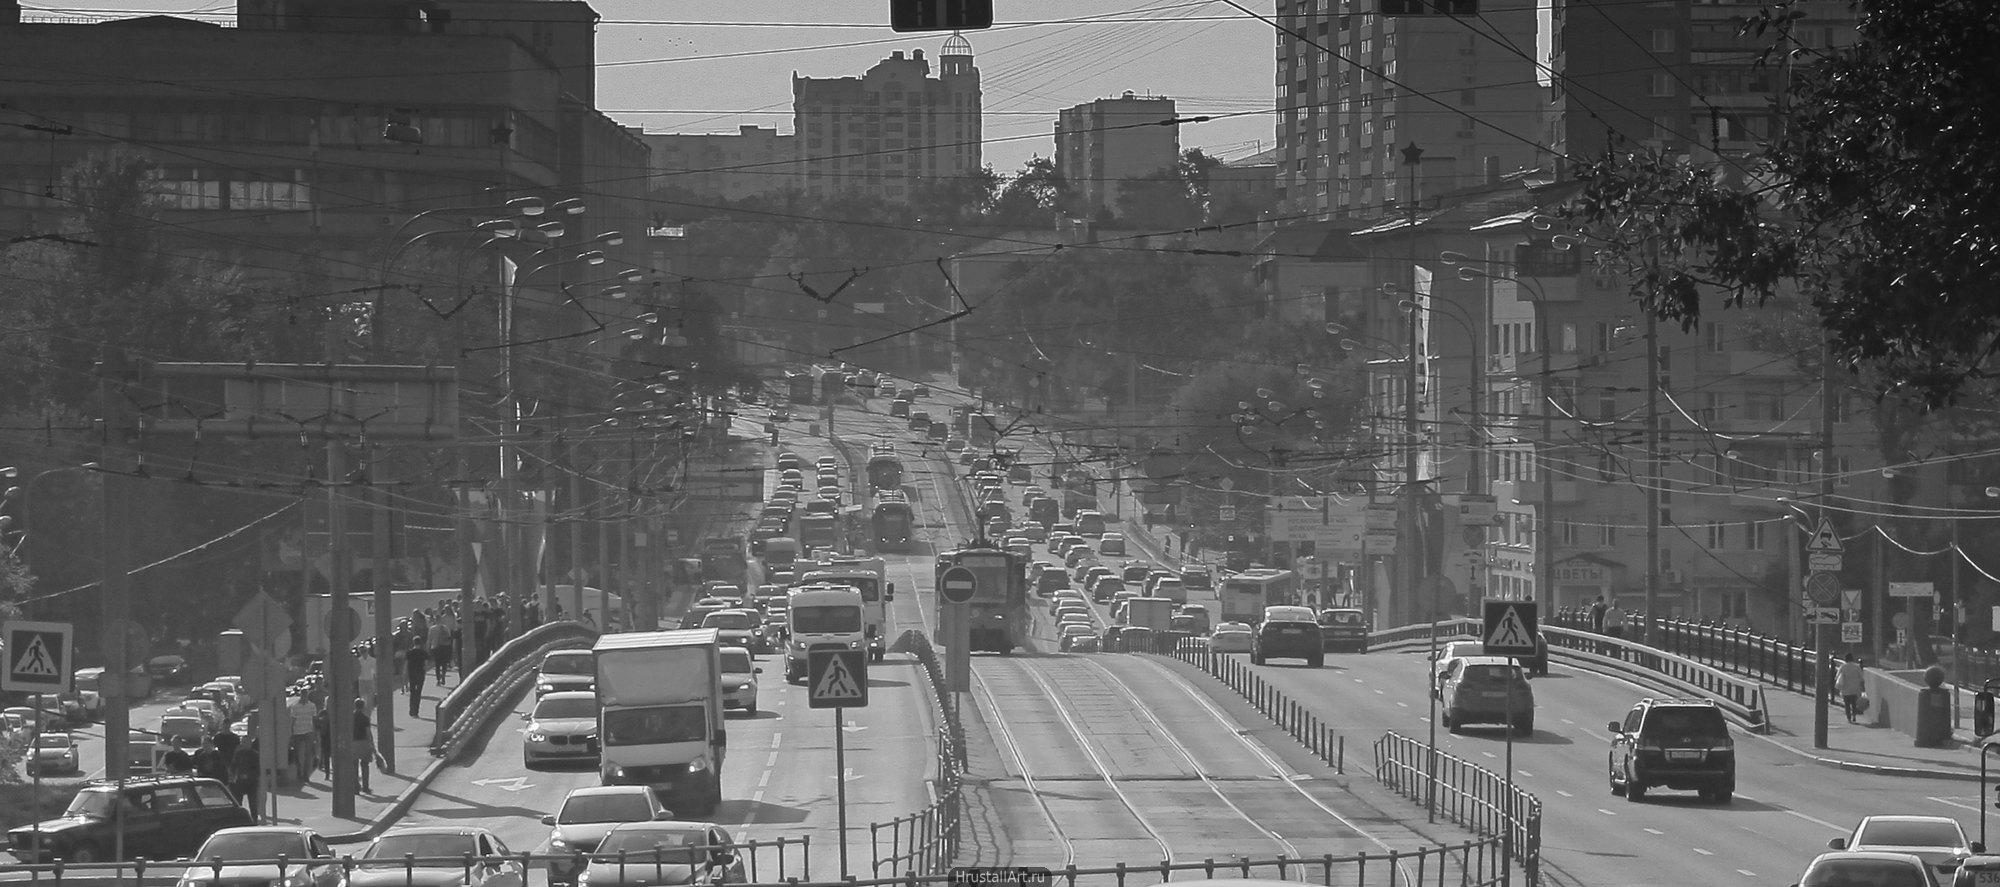 Заполненная машинами и пыльным воздухом московская улица. Тяжелая атмосфера.